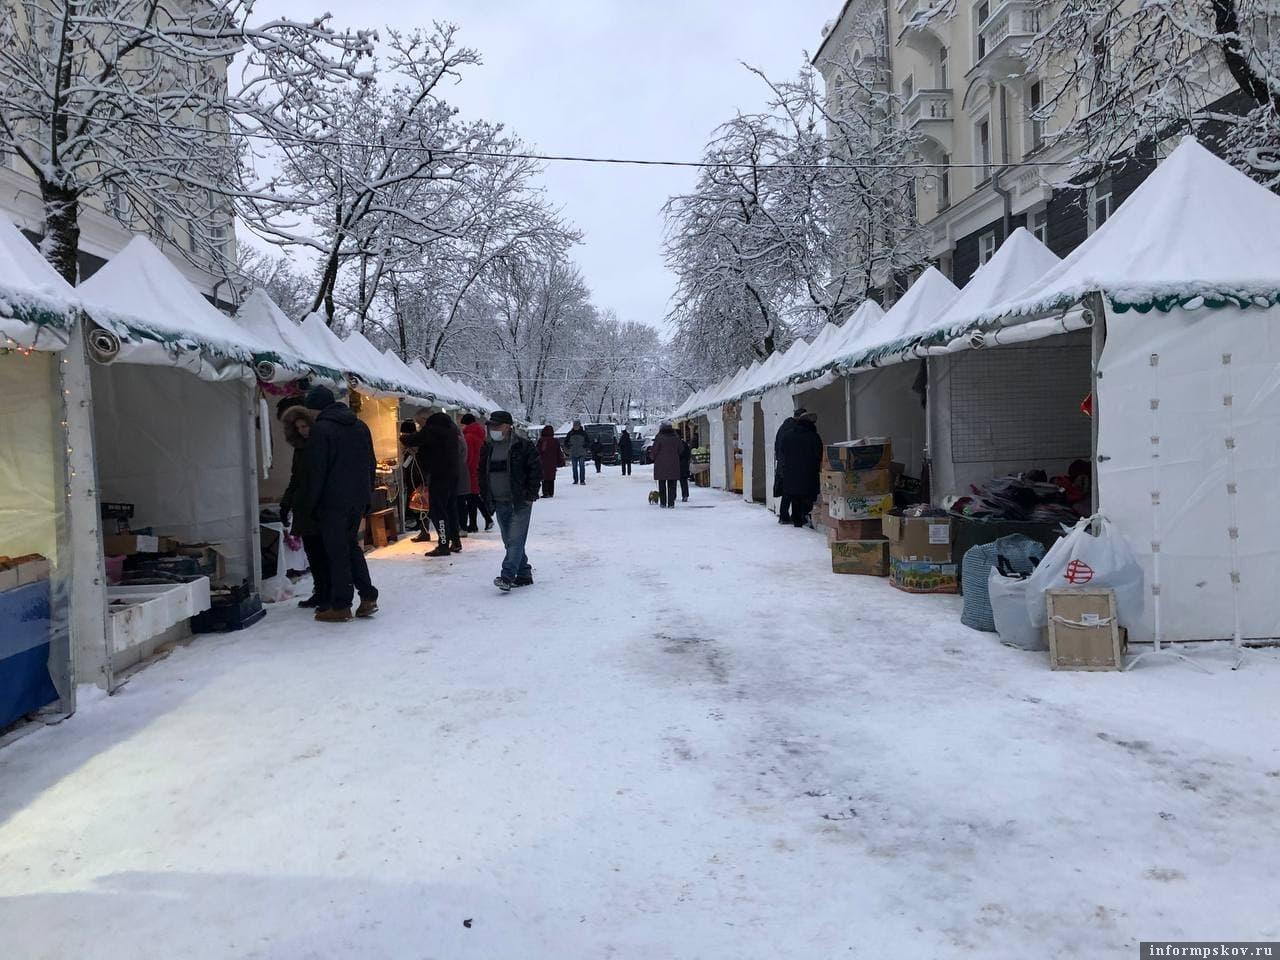 Ярмарка на улице Пушкина в Пскове. Фото: Telegram-канал Псковские новости